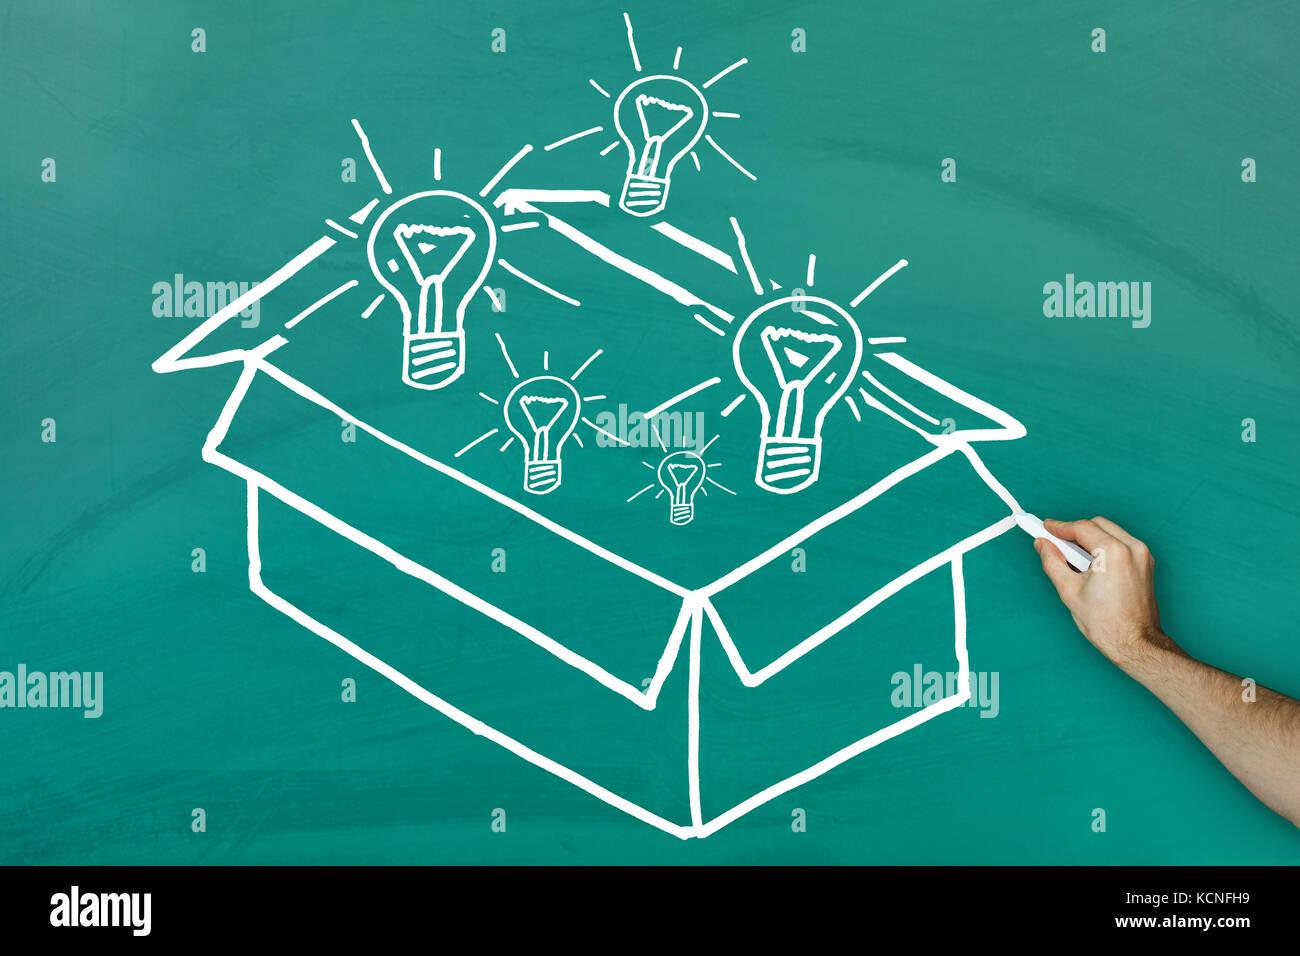 Ideen aus der Box Konzept auf grüner Tafel Stockbild